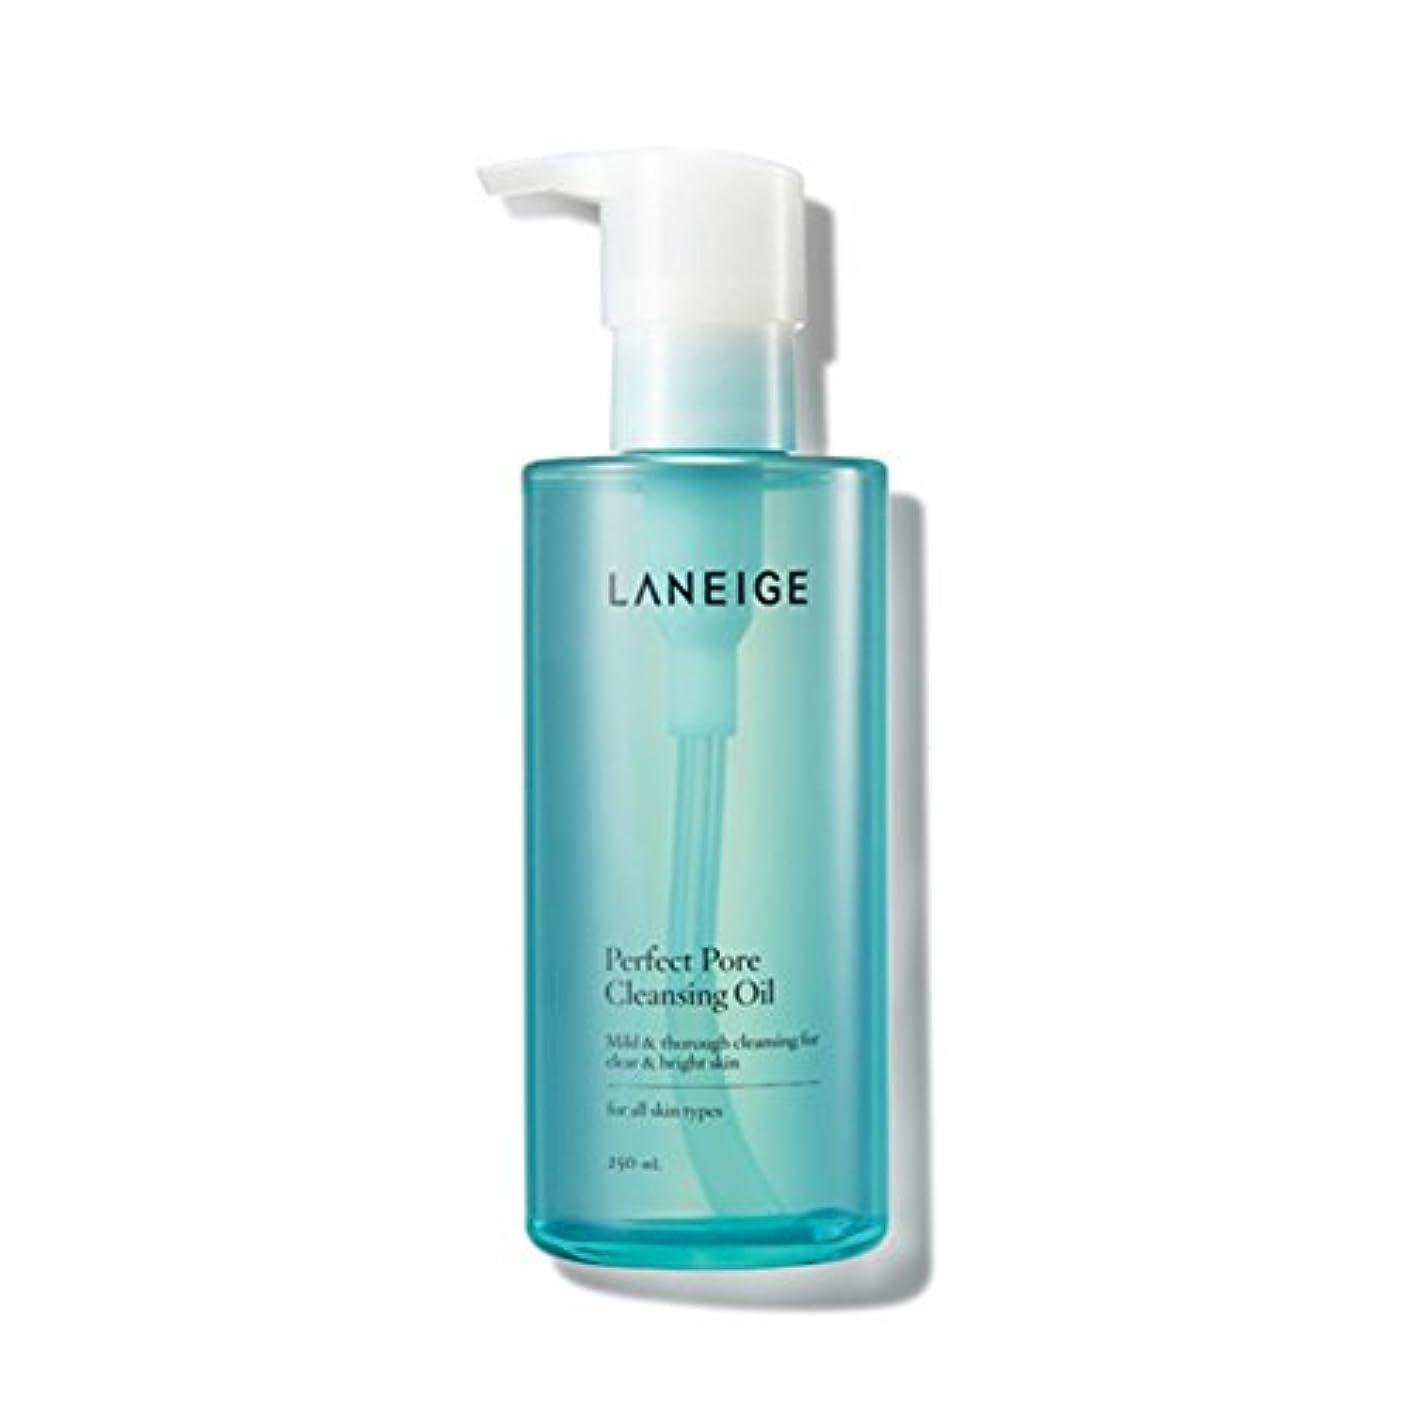 忠実な優しさ妥協[ラネージュ/ LANEIGE] ラネージュ パーフェクトポア クレンジングオイル 250ml/ Perfect Pore Cleansing Oil +[Sample Gift](海外直送品)